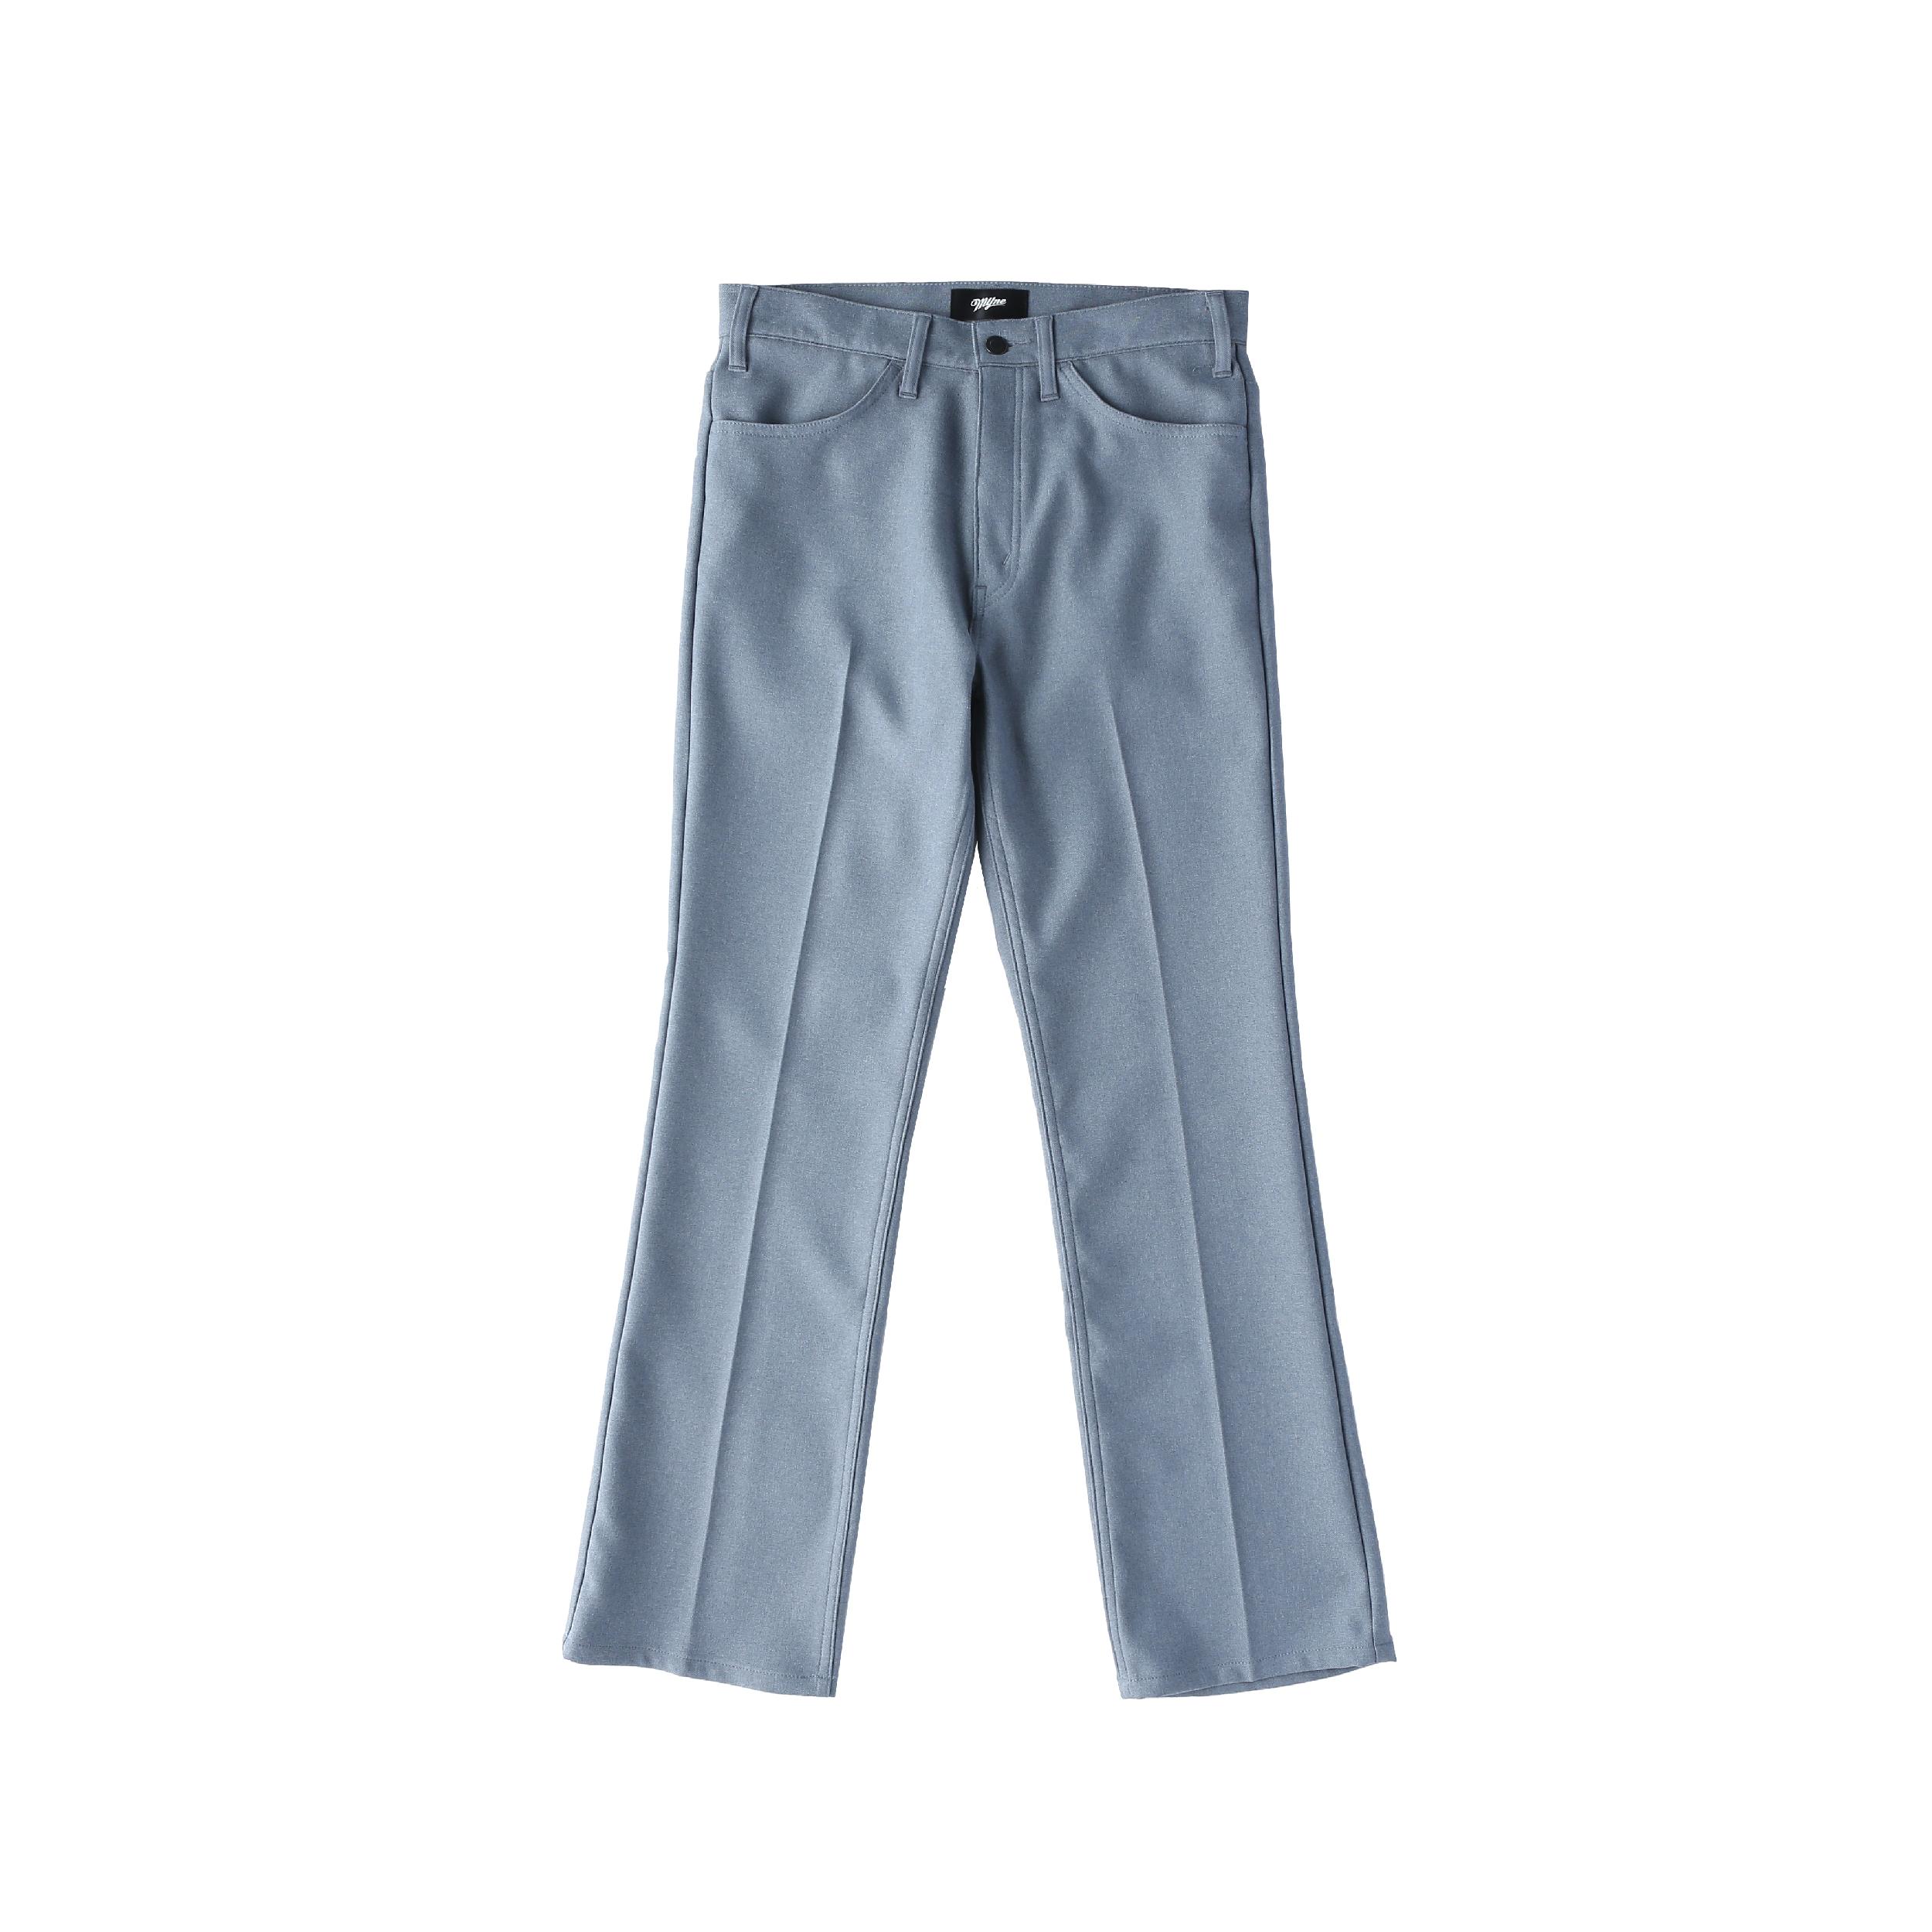 Wappen boot-cut pants / BLUE - 画像1